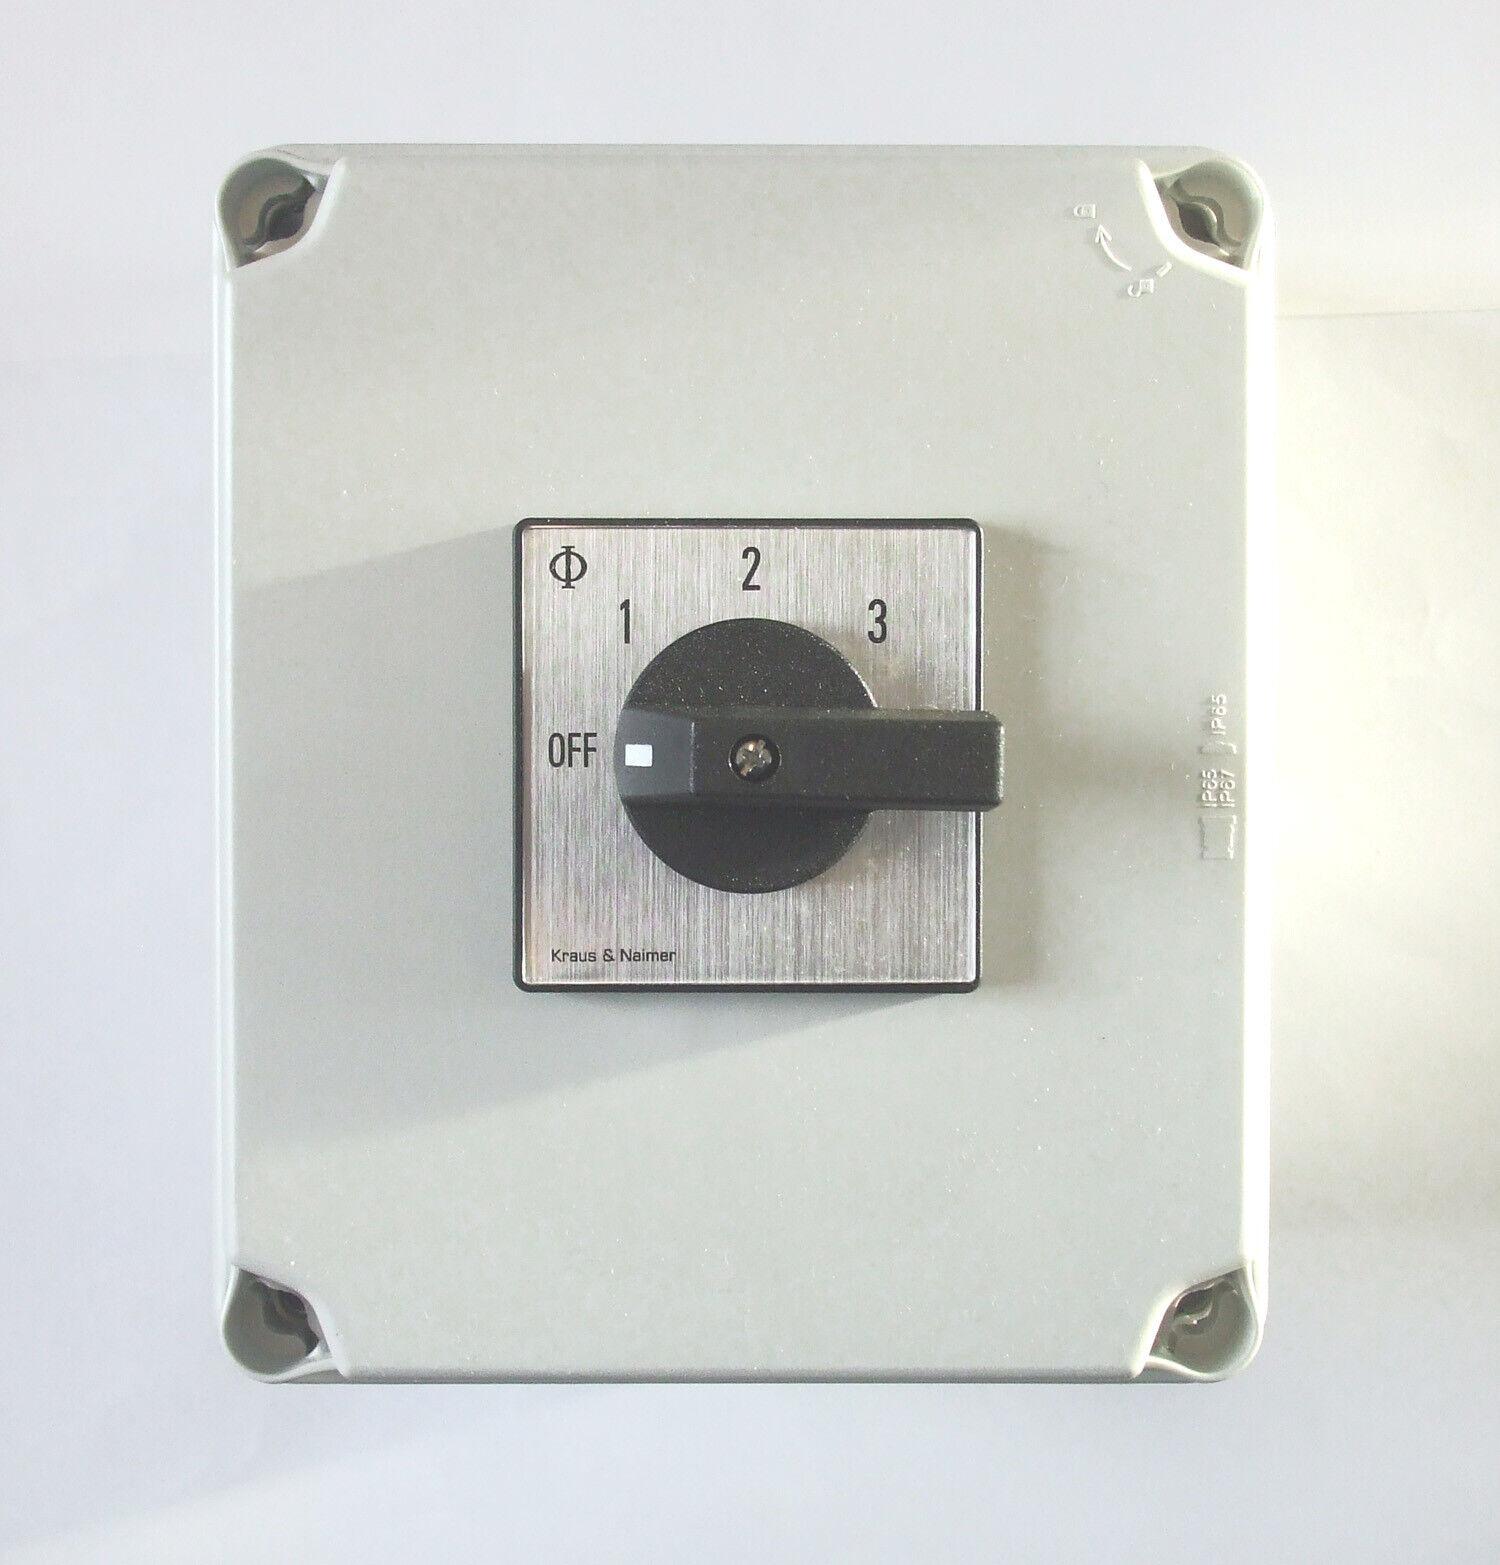 Netzteil 240v Power Wahlschalter 32amp 2 Stange 3 Weg mit Halterung Dose PSS132